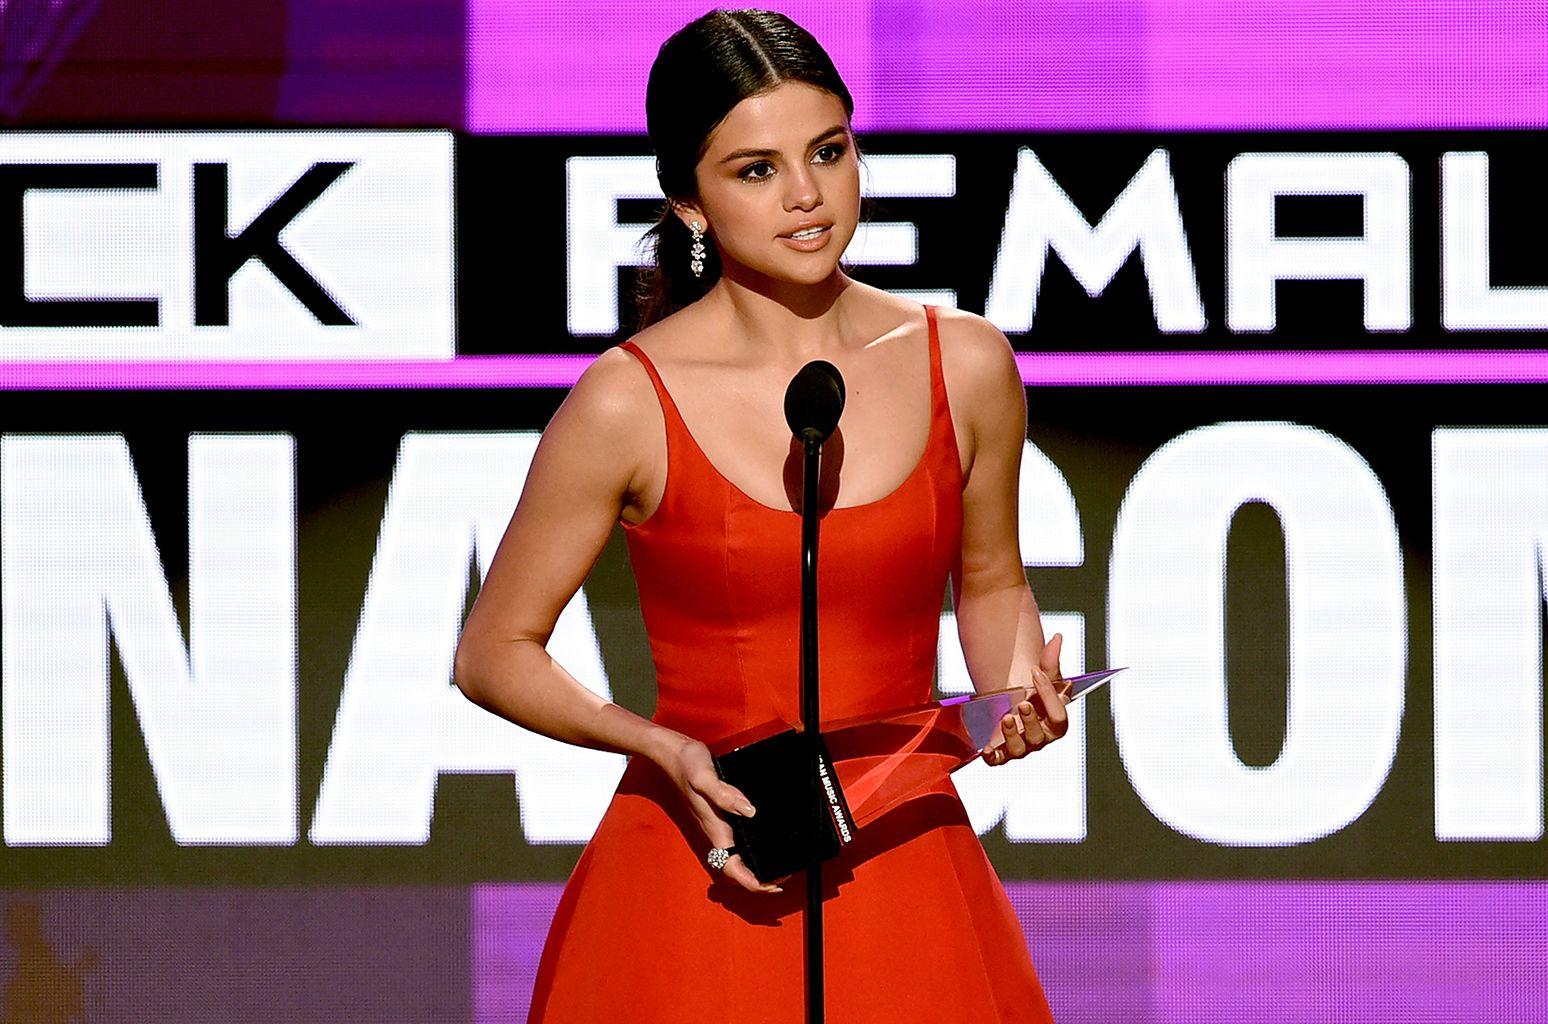 El sorprendente cambio de look de Selena Gómez